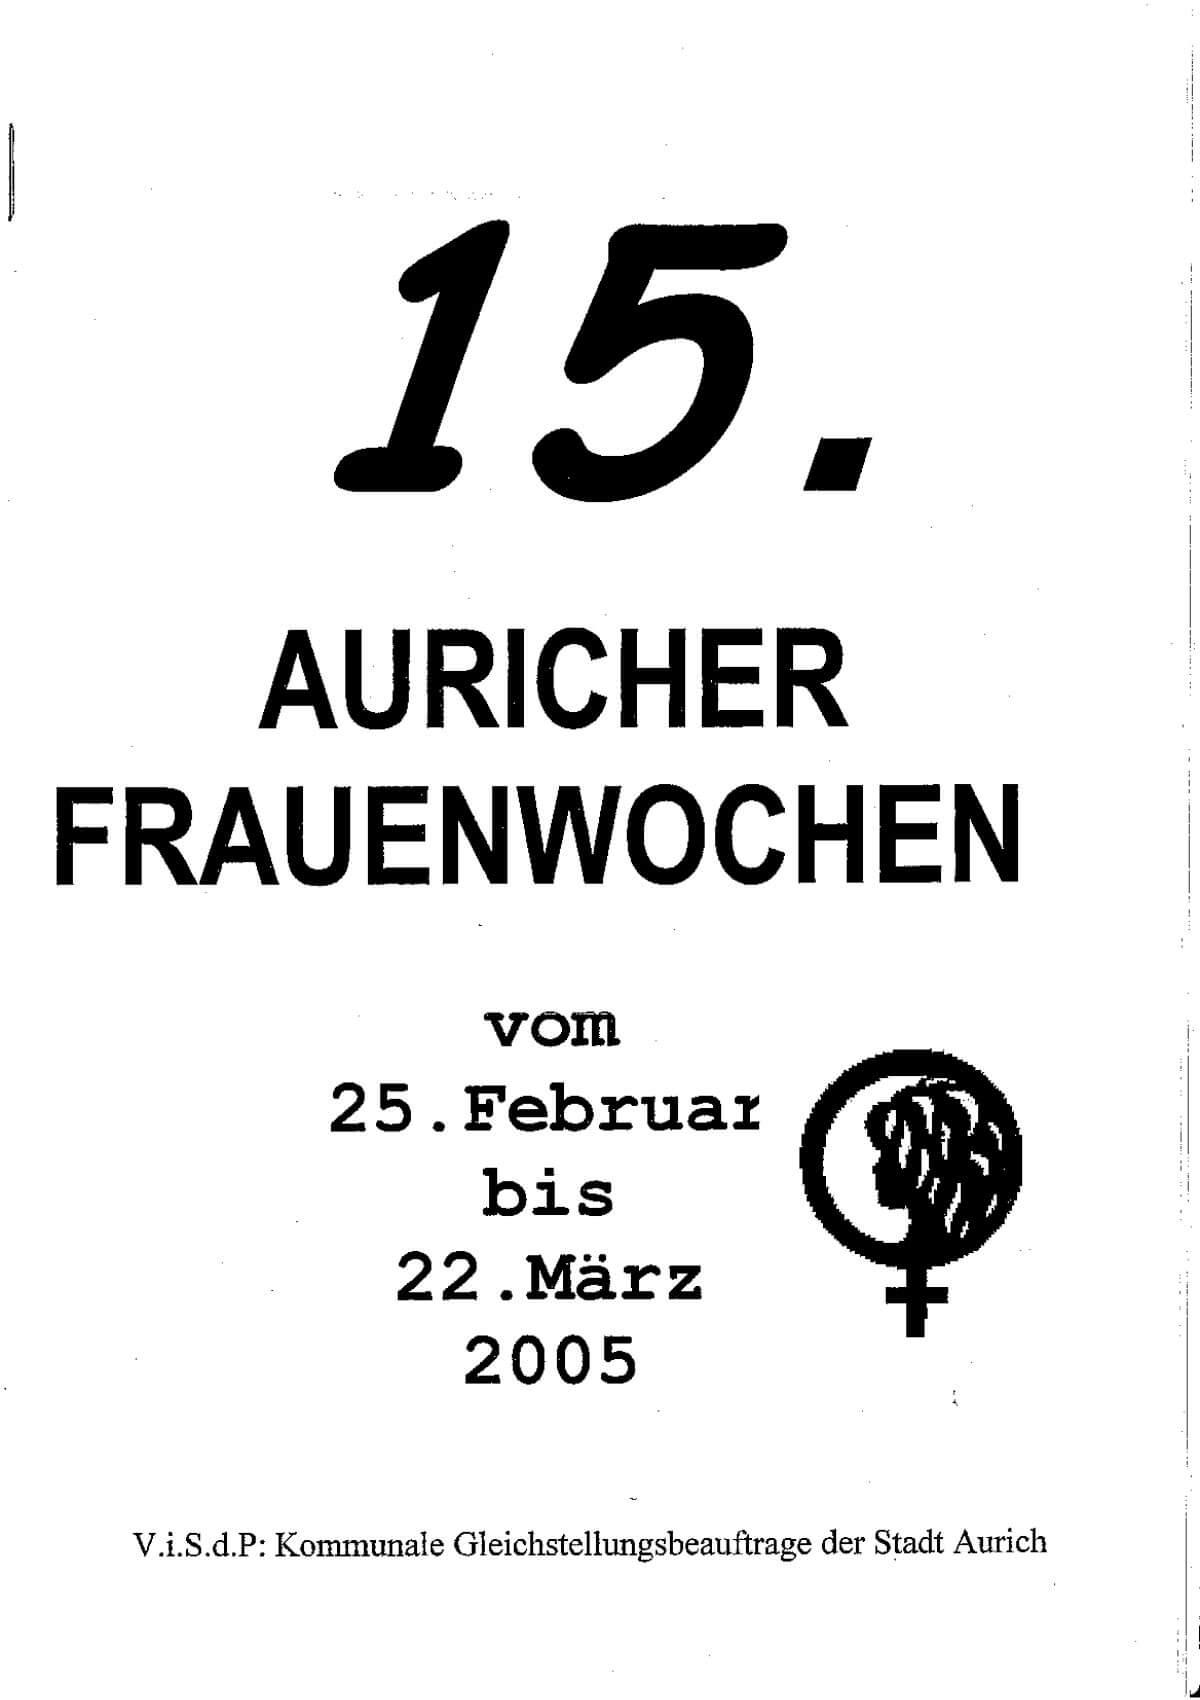 Programmheft 2005 anschauen – Auricher Frauenwochen